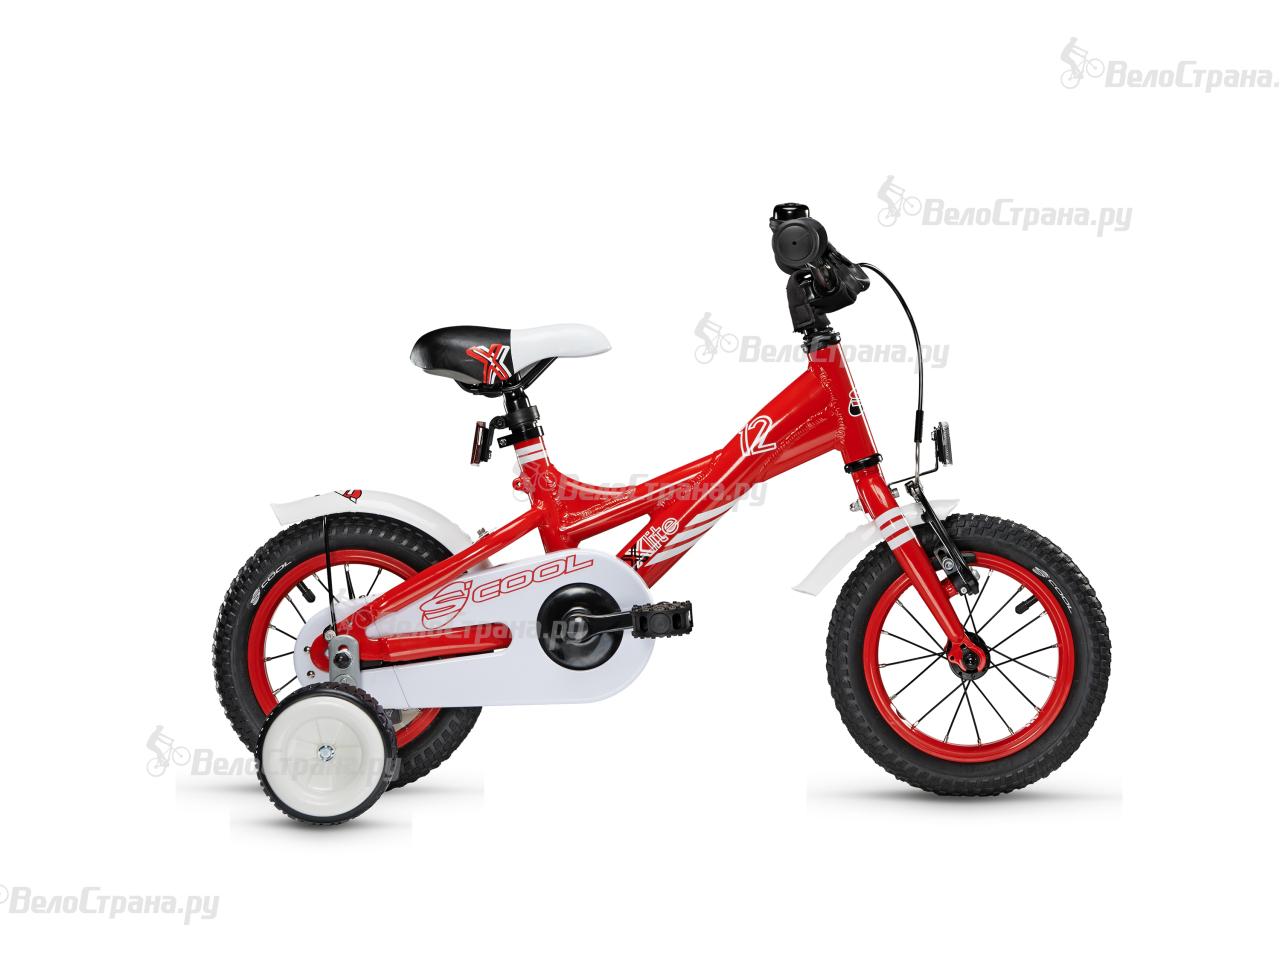 Велосипед Scool XXlite 12 alloy (2017) scool xxlite 12 alloy 2017